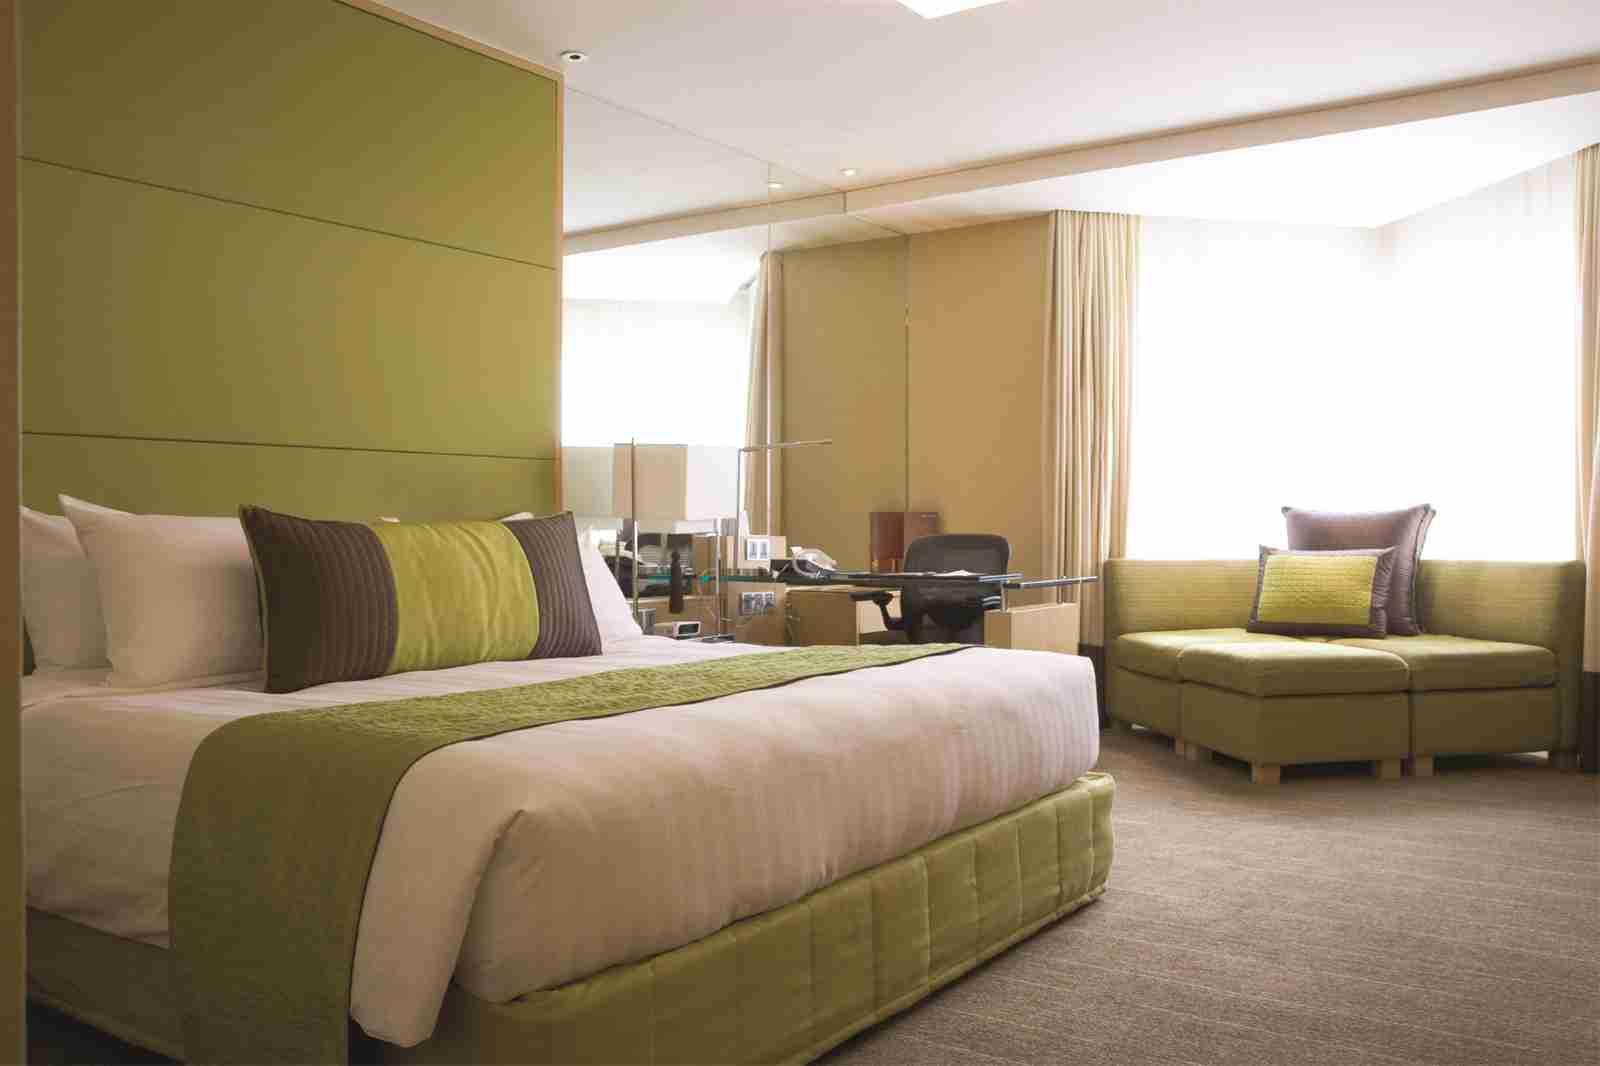 Lý do giường khách sạn phục vụ hai người nhưng có 4 gối 1